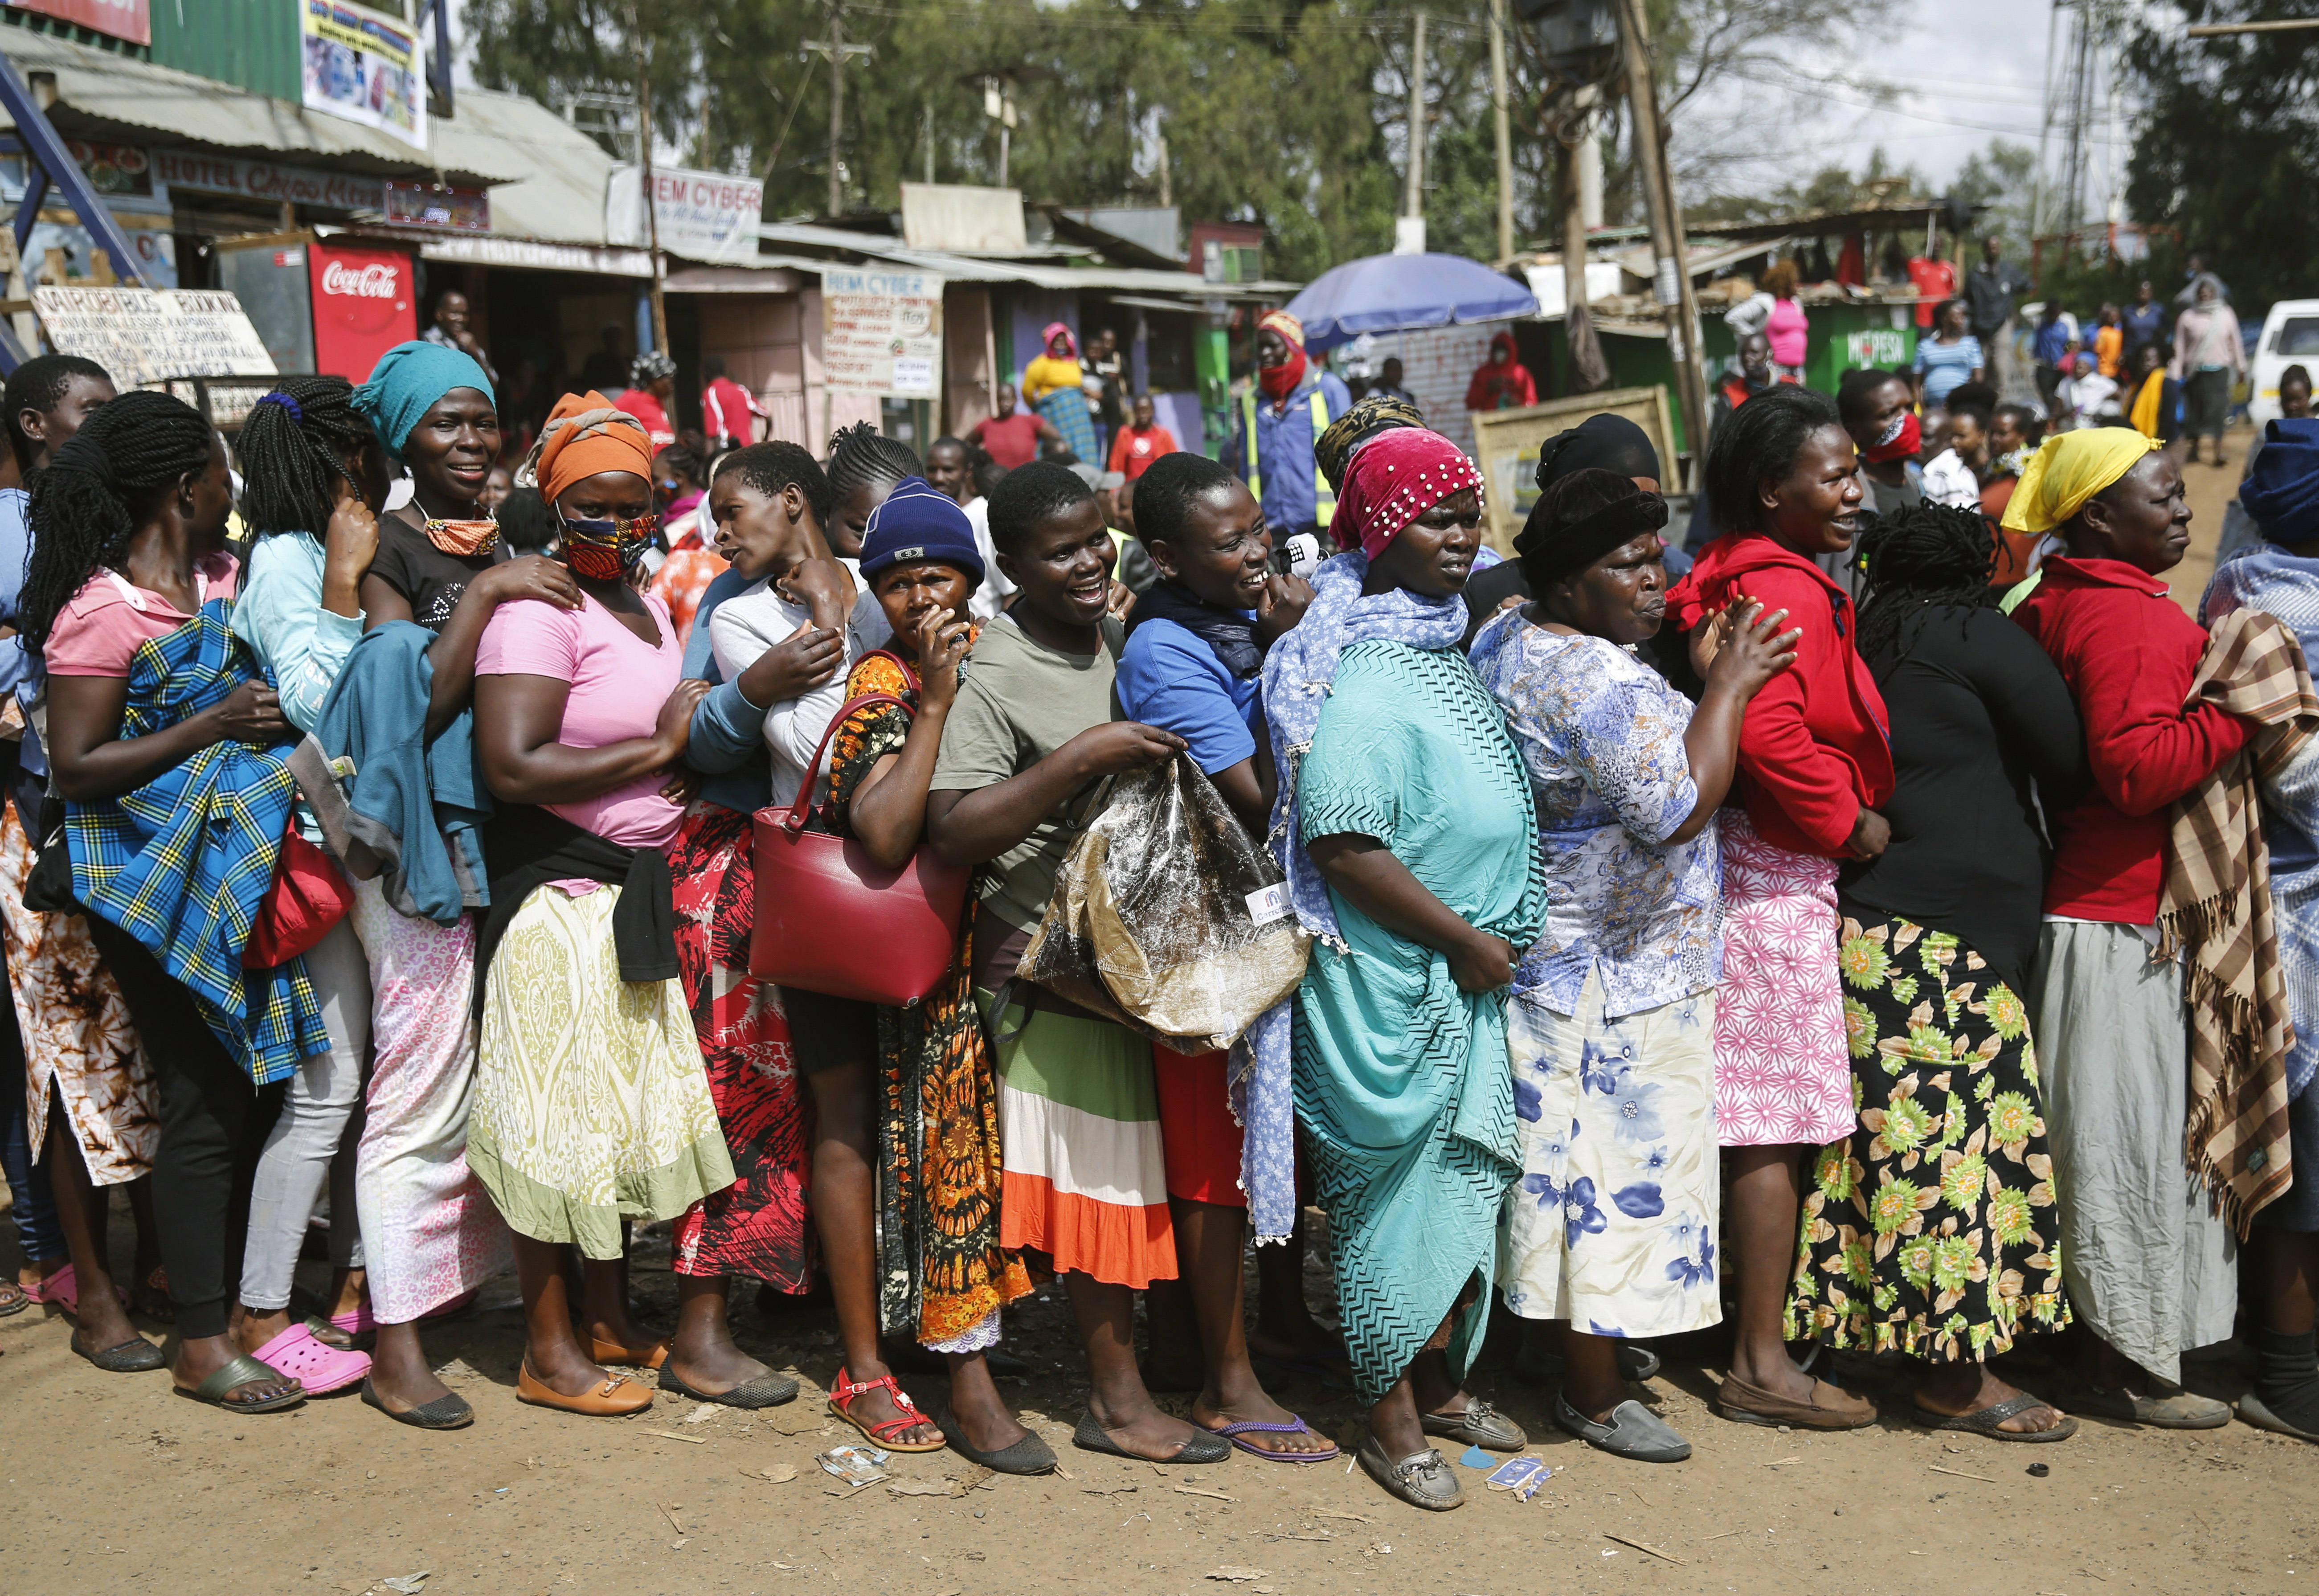 A Nairobi, des femmes font la queue pour une distribution de nourriture pour ceux qui souffrent des mesures restrictives liées au coronavirus au Kenya.